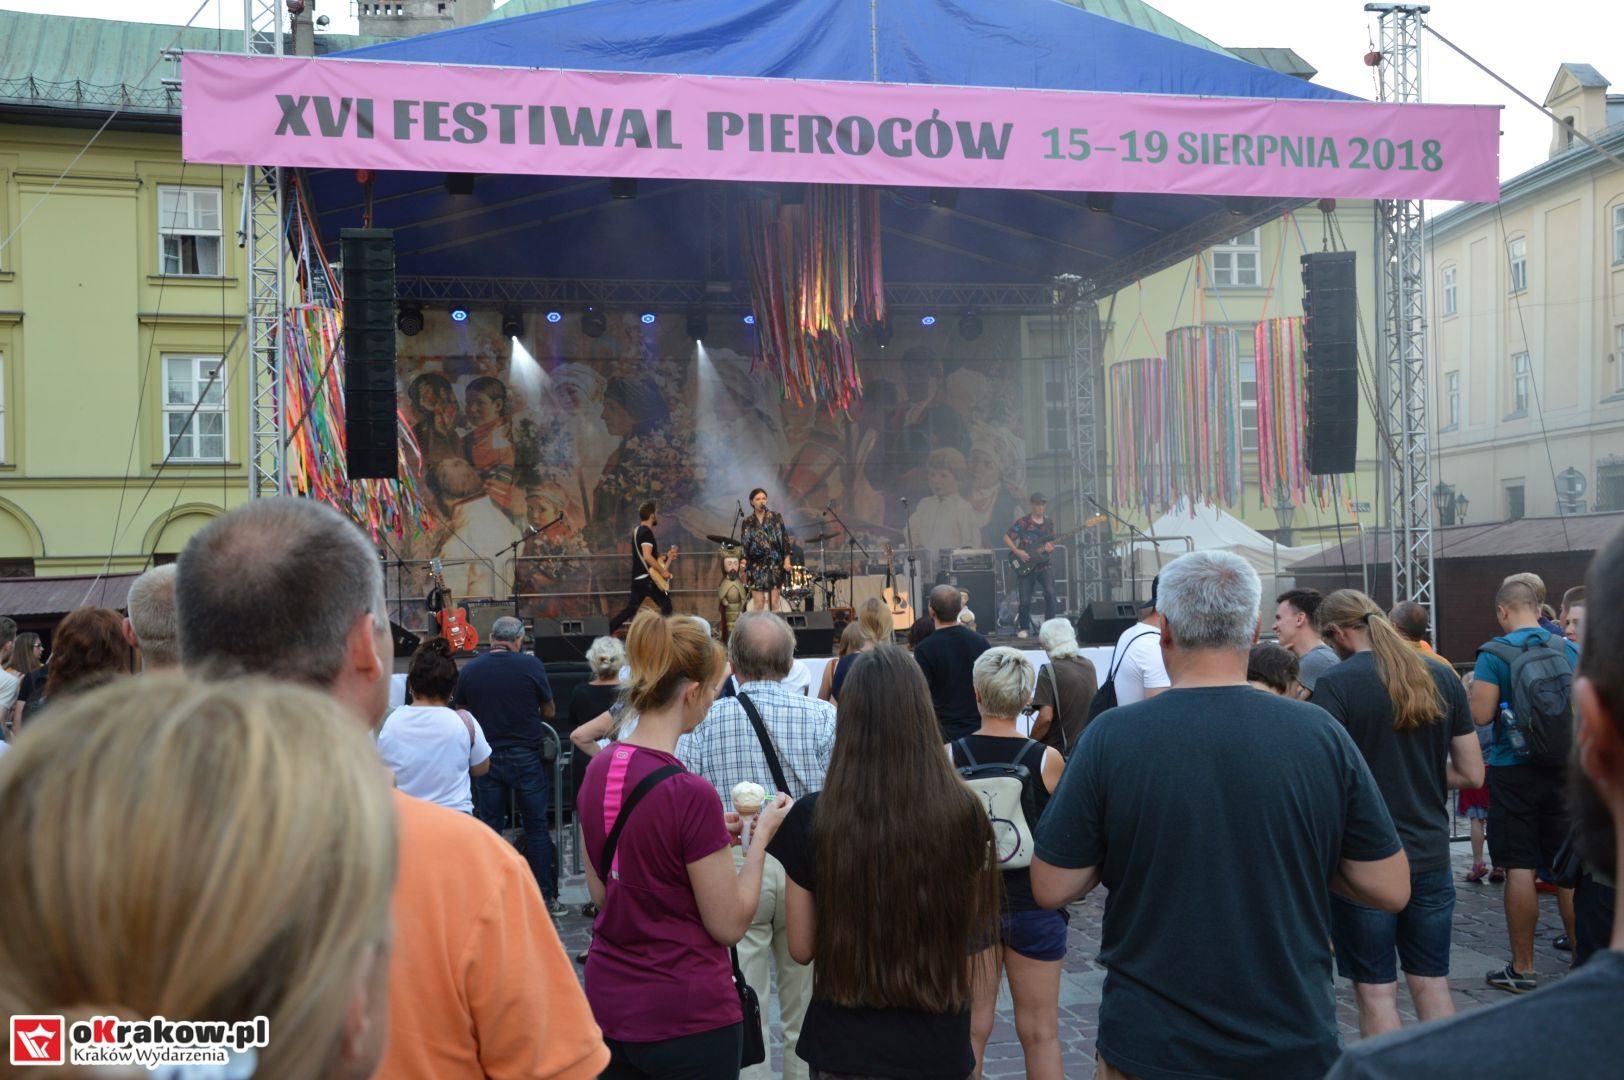 krakow festiwal pierogow maly rynek koncert cheap tobacco 119 150x150 - Galeria zdjęć Festiwal Pierogów Kraków 2018 + zdjęcia z koncertu Cheap Tobacco